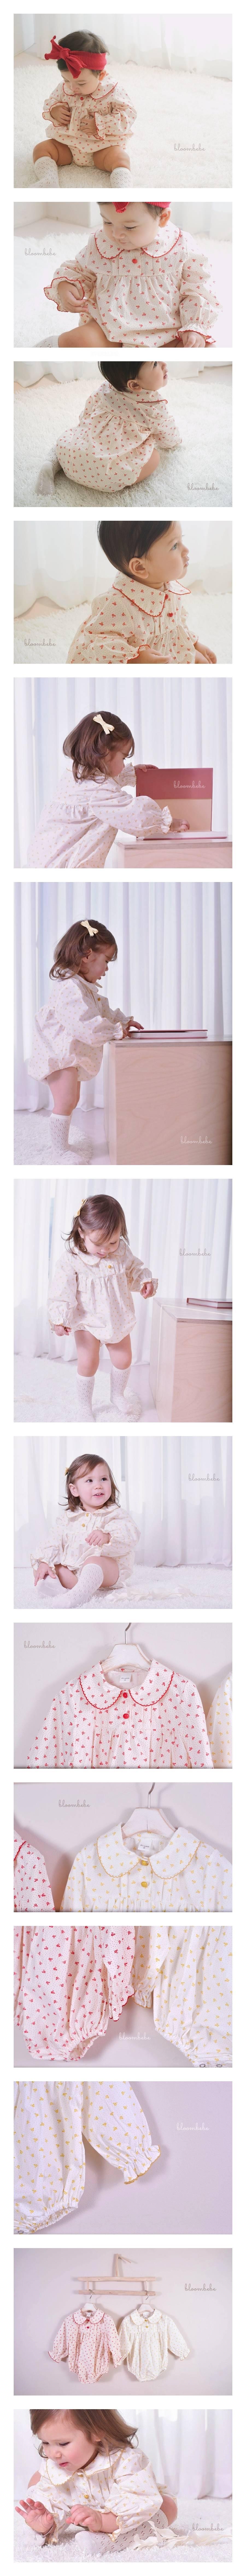 BLOOMBEBE - Korean Children Fashion - #Kfashion4kids - Baby Star Flower Bodysuit